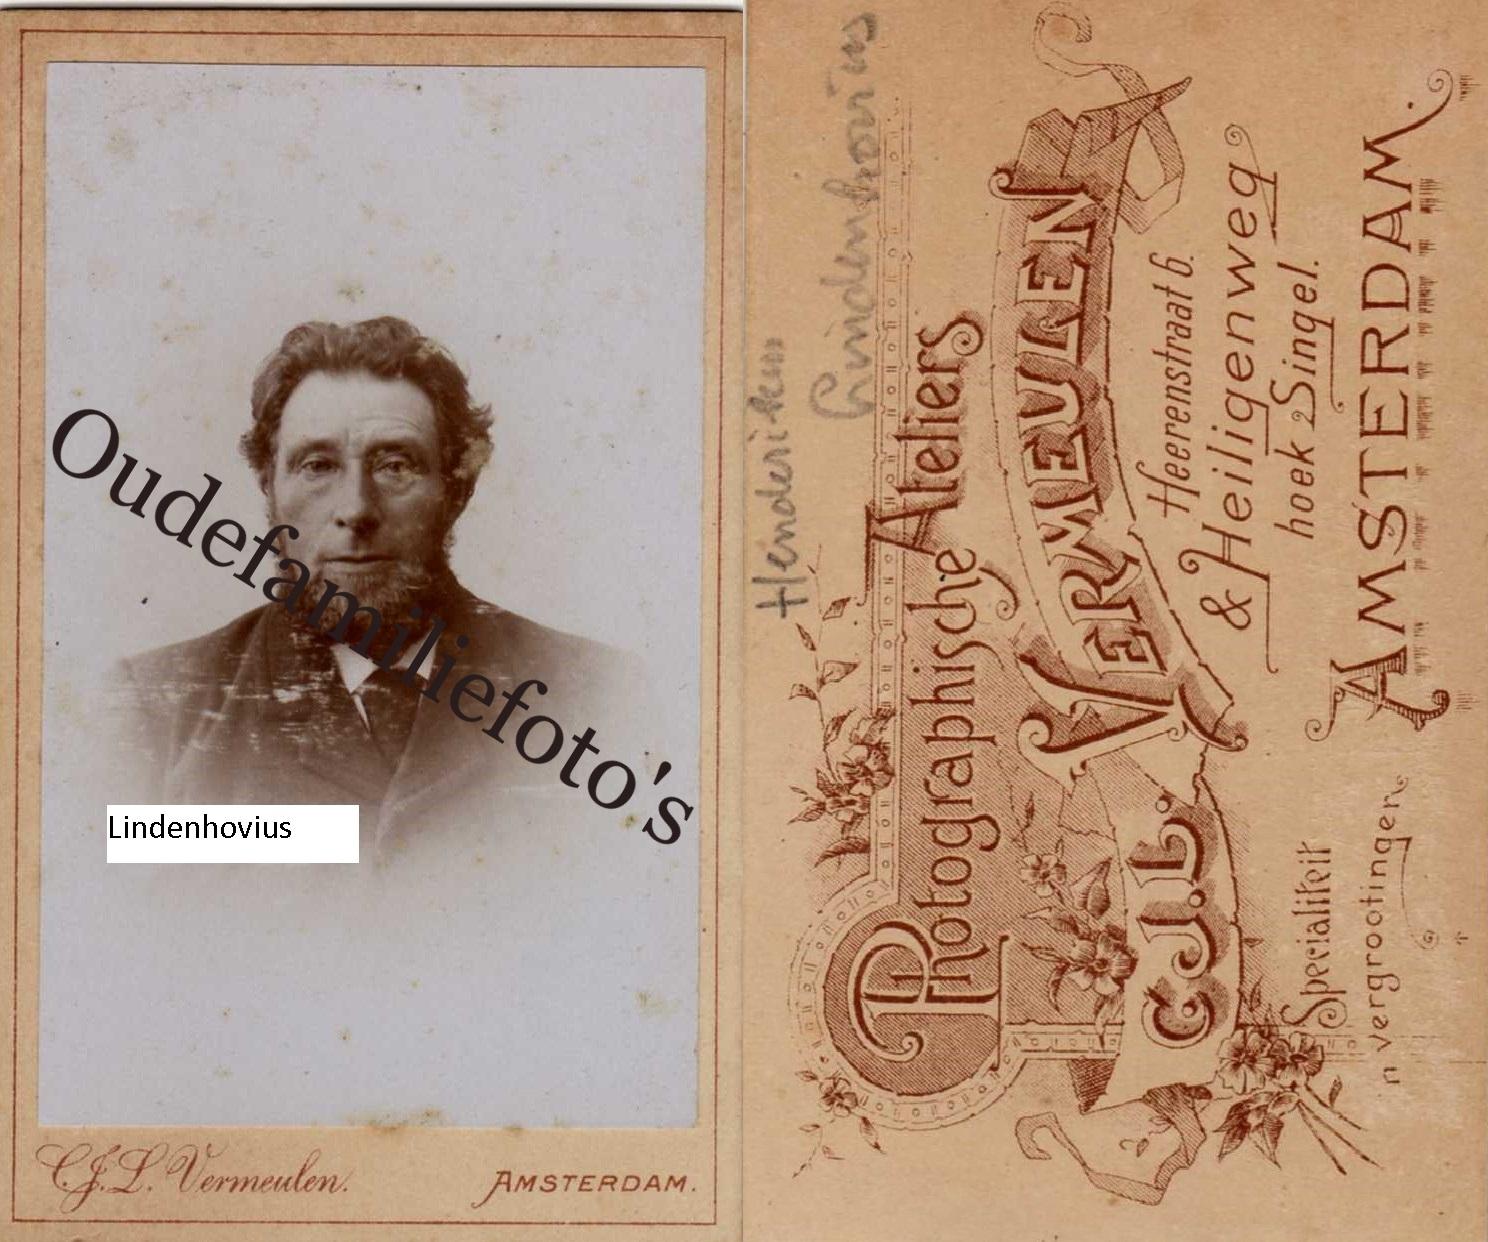 Lindenhovius, Hendrikus Adolf. Geb. 26-6-1844 Meppel ovl. 2-12-1917 Meppel Getrouwd 28-8-1875 met M.E. Bot € 3,50